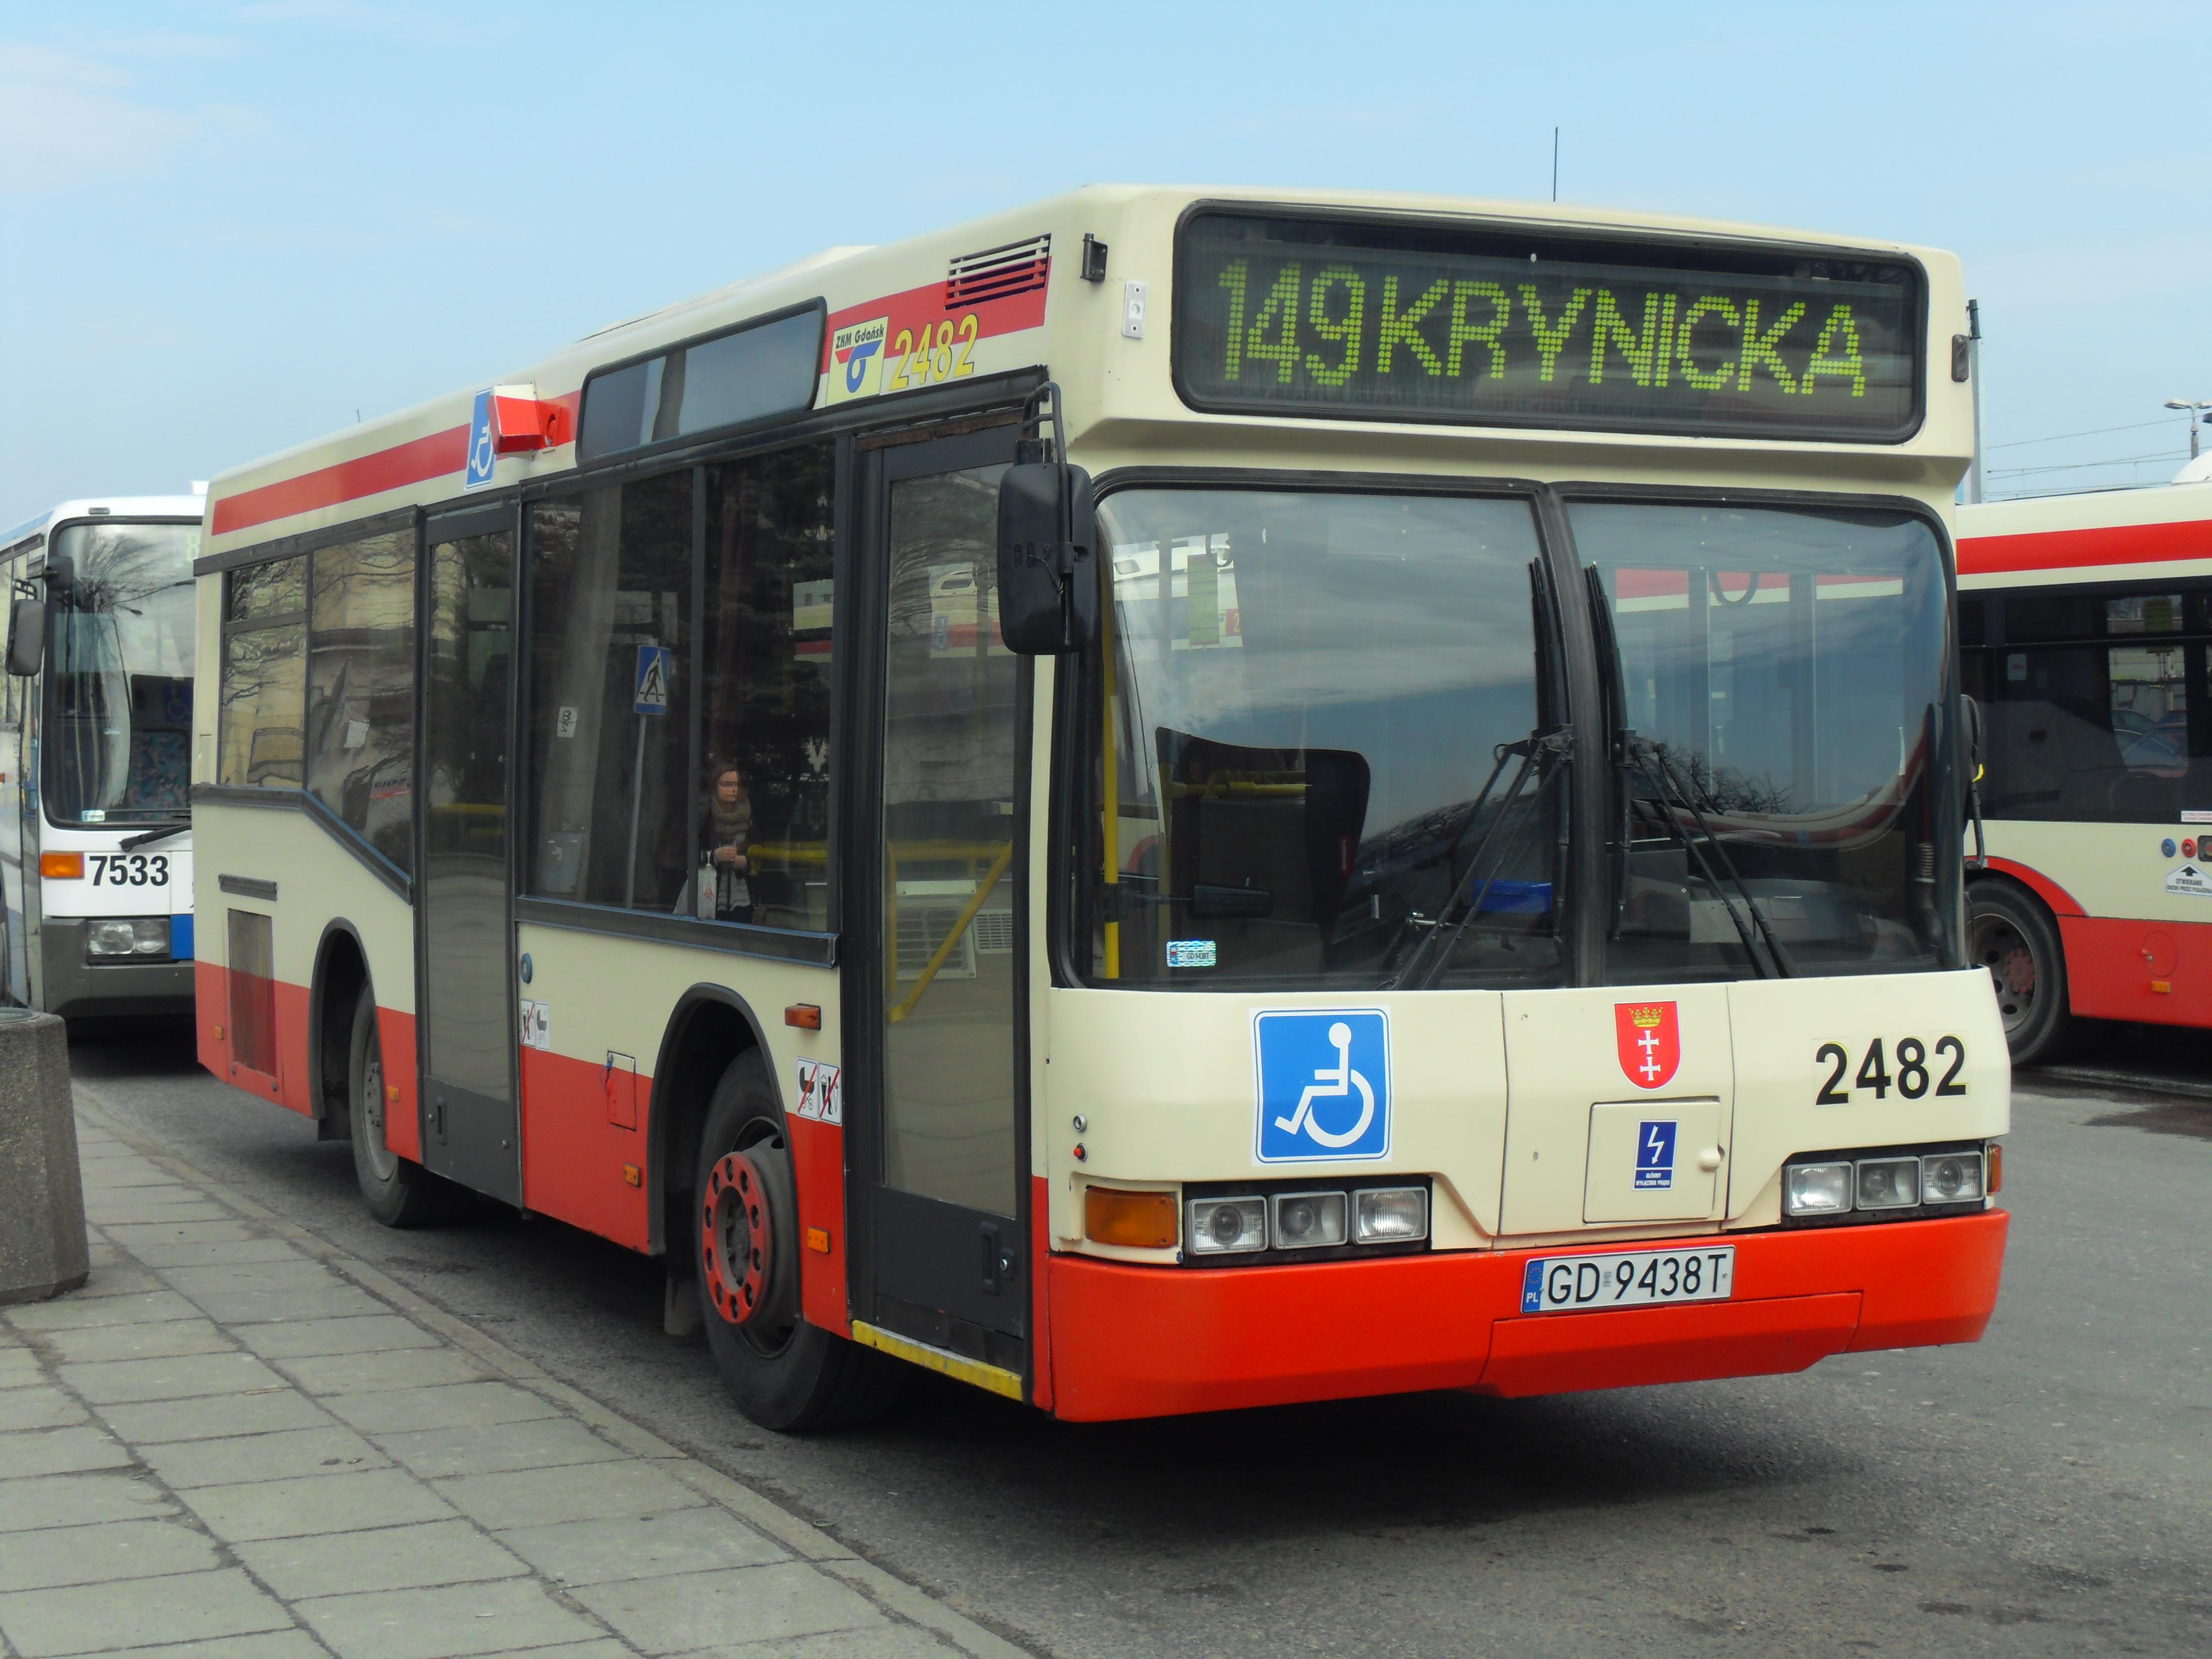 Ogromny File:Gdańsk ulica Dmowskiego (autobus 149).JPG - Wikimedia Commons AE68